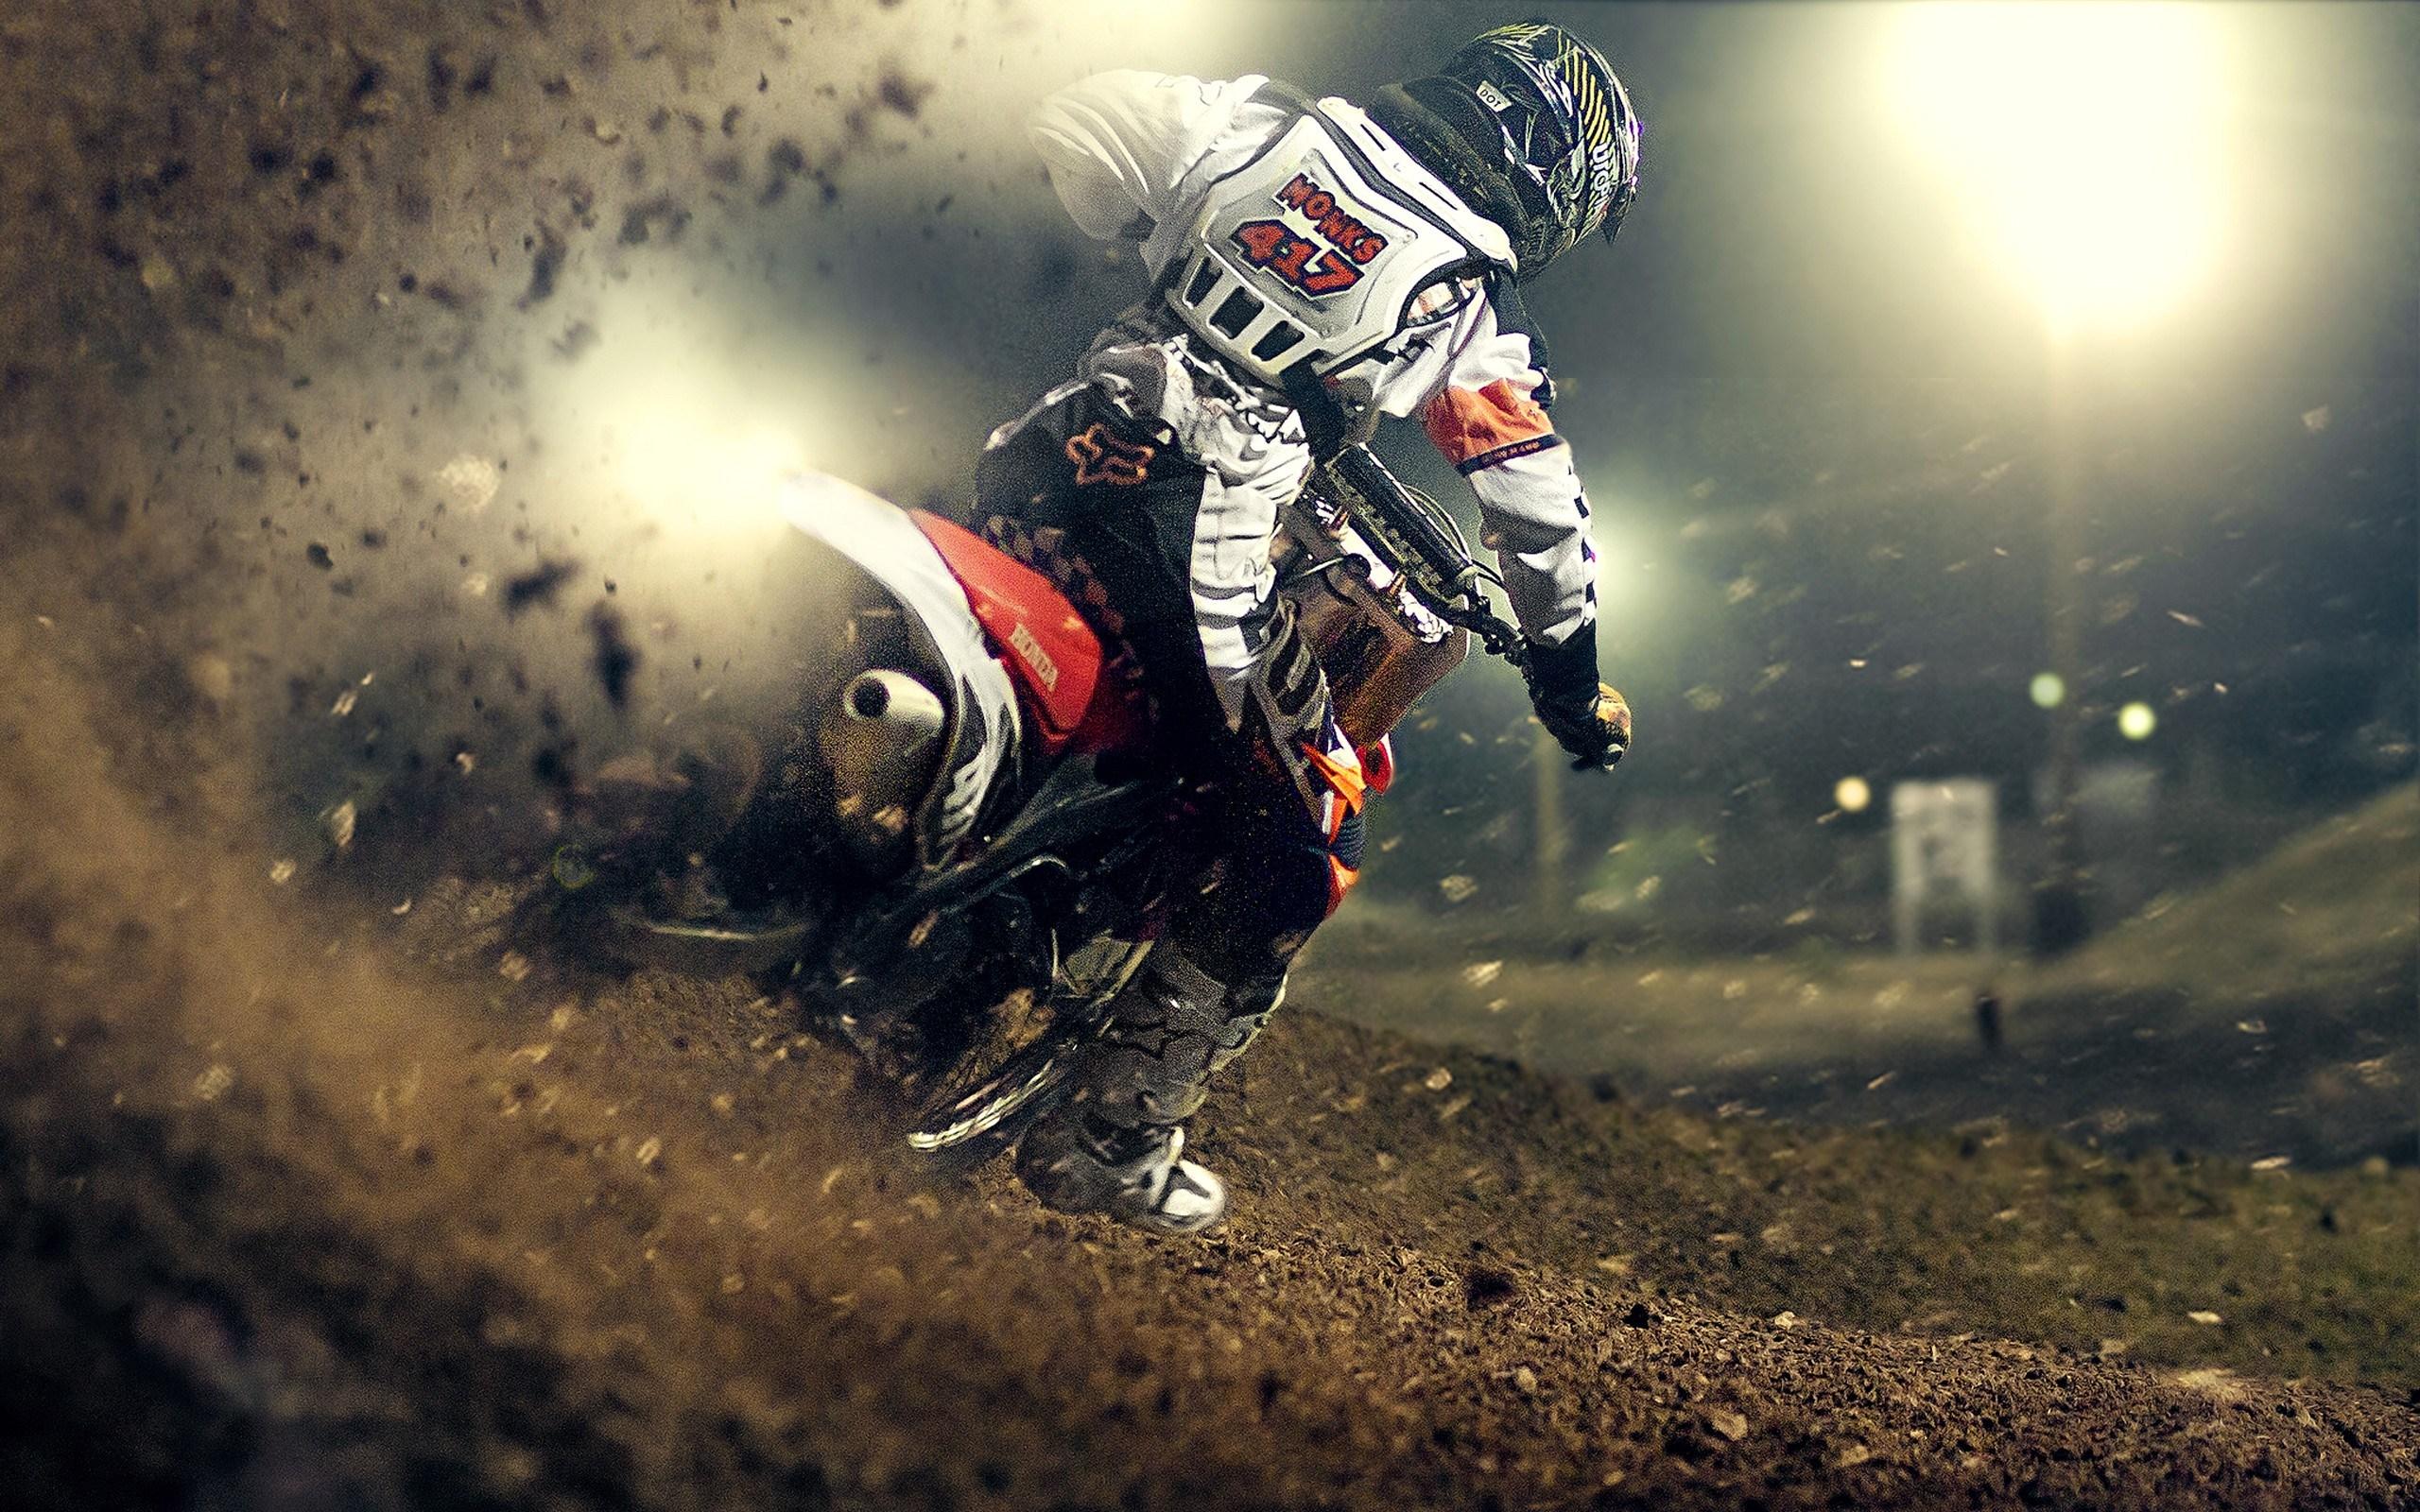 Motocross Wallpaper Hd Wide Wallpaper Gallery 2560x1600